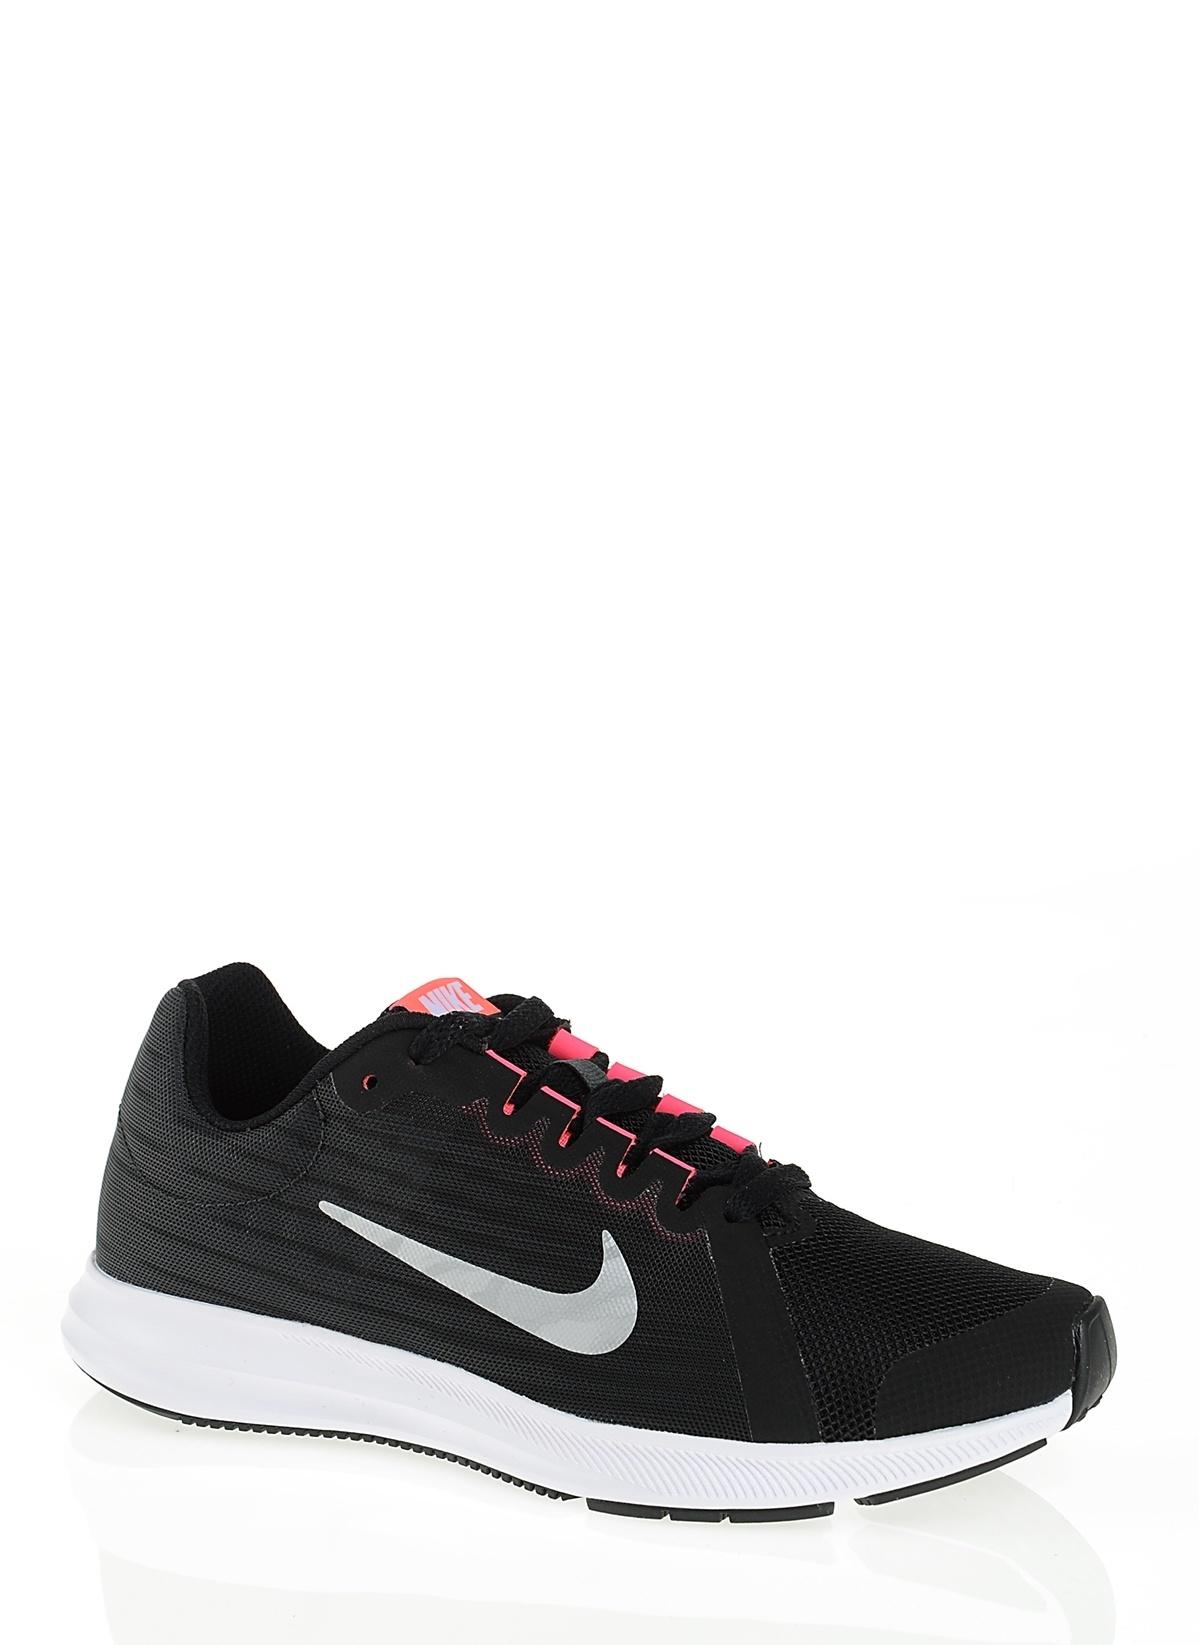 new style 8c8fc 46066 Nike Downshifter 8 Siyah ...